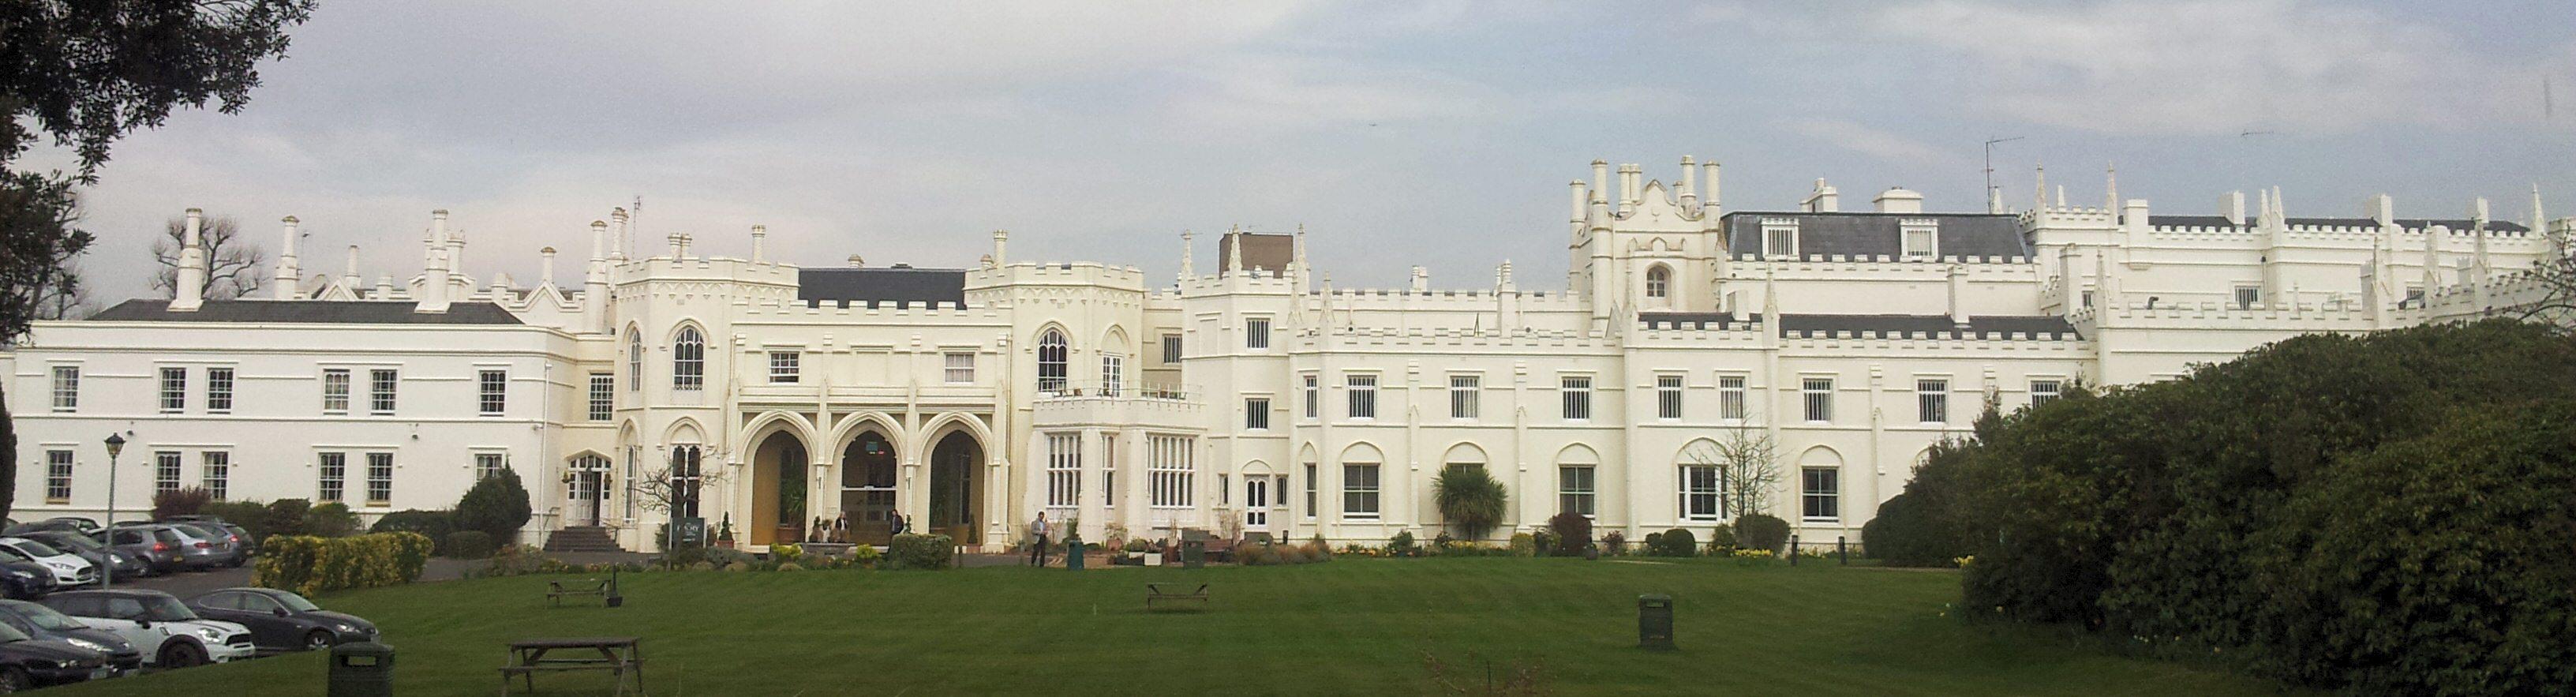 Priory roehampton